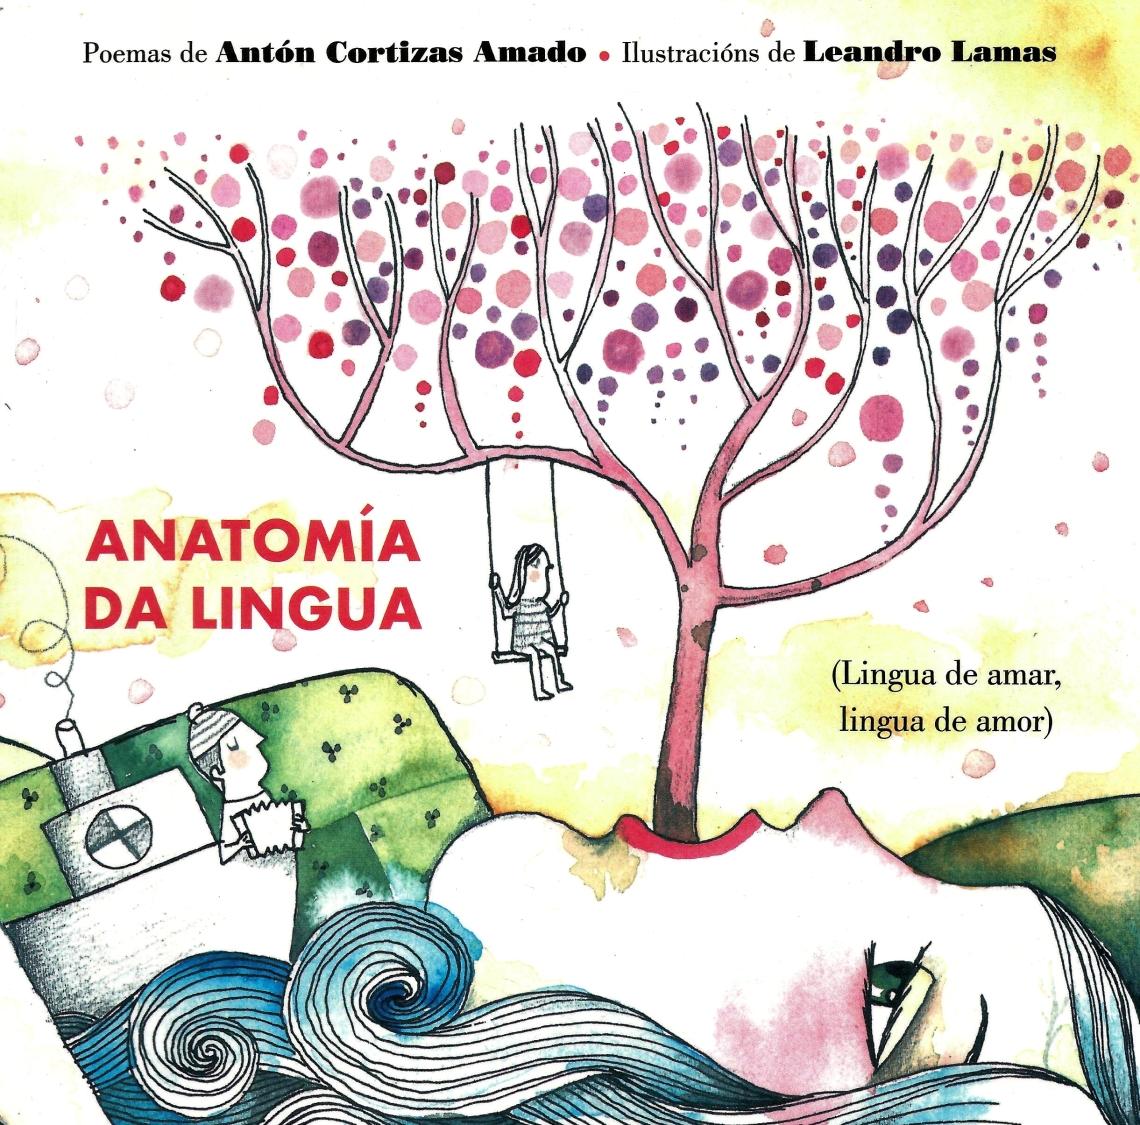 Anatomía-da-lingua-Lingua-de-amar-lingua-de-amor